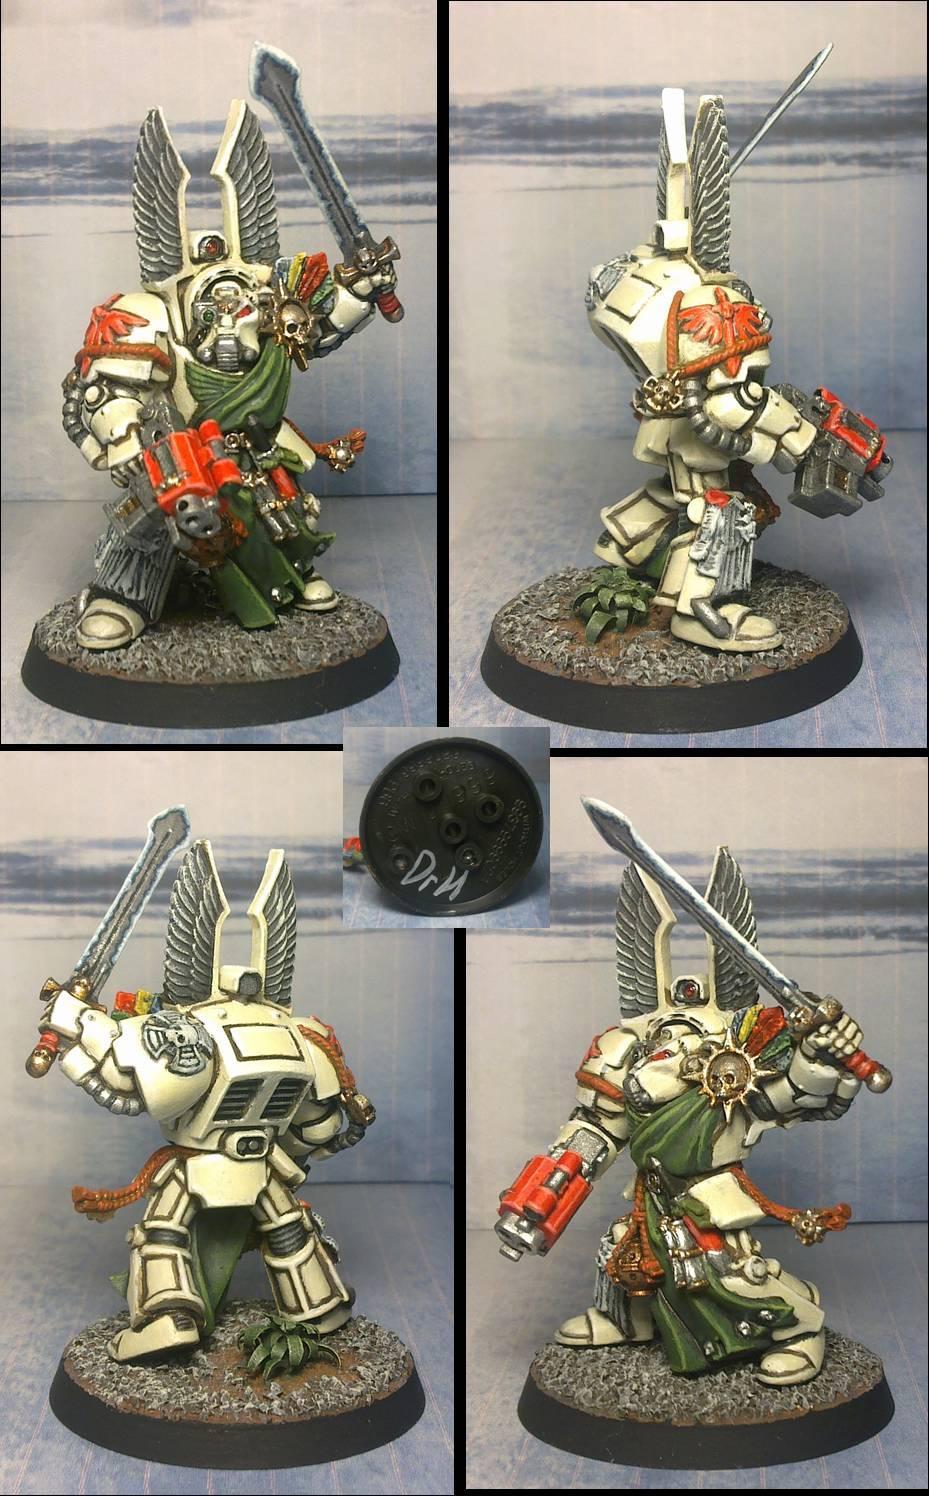 Dark Angels Deathwing Terminator Sergeant Barachiel